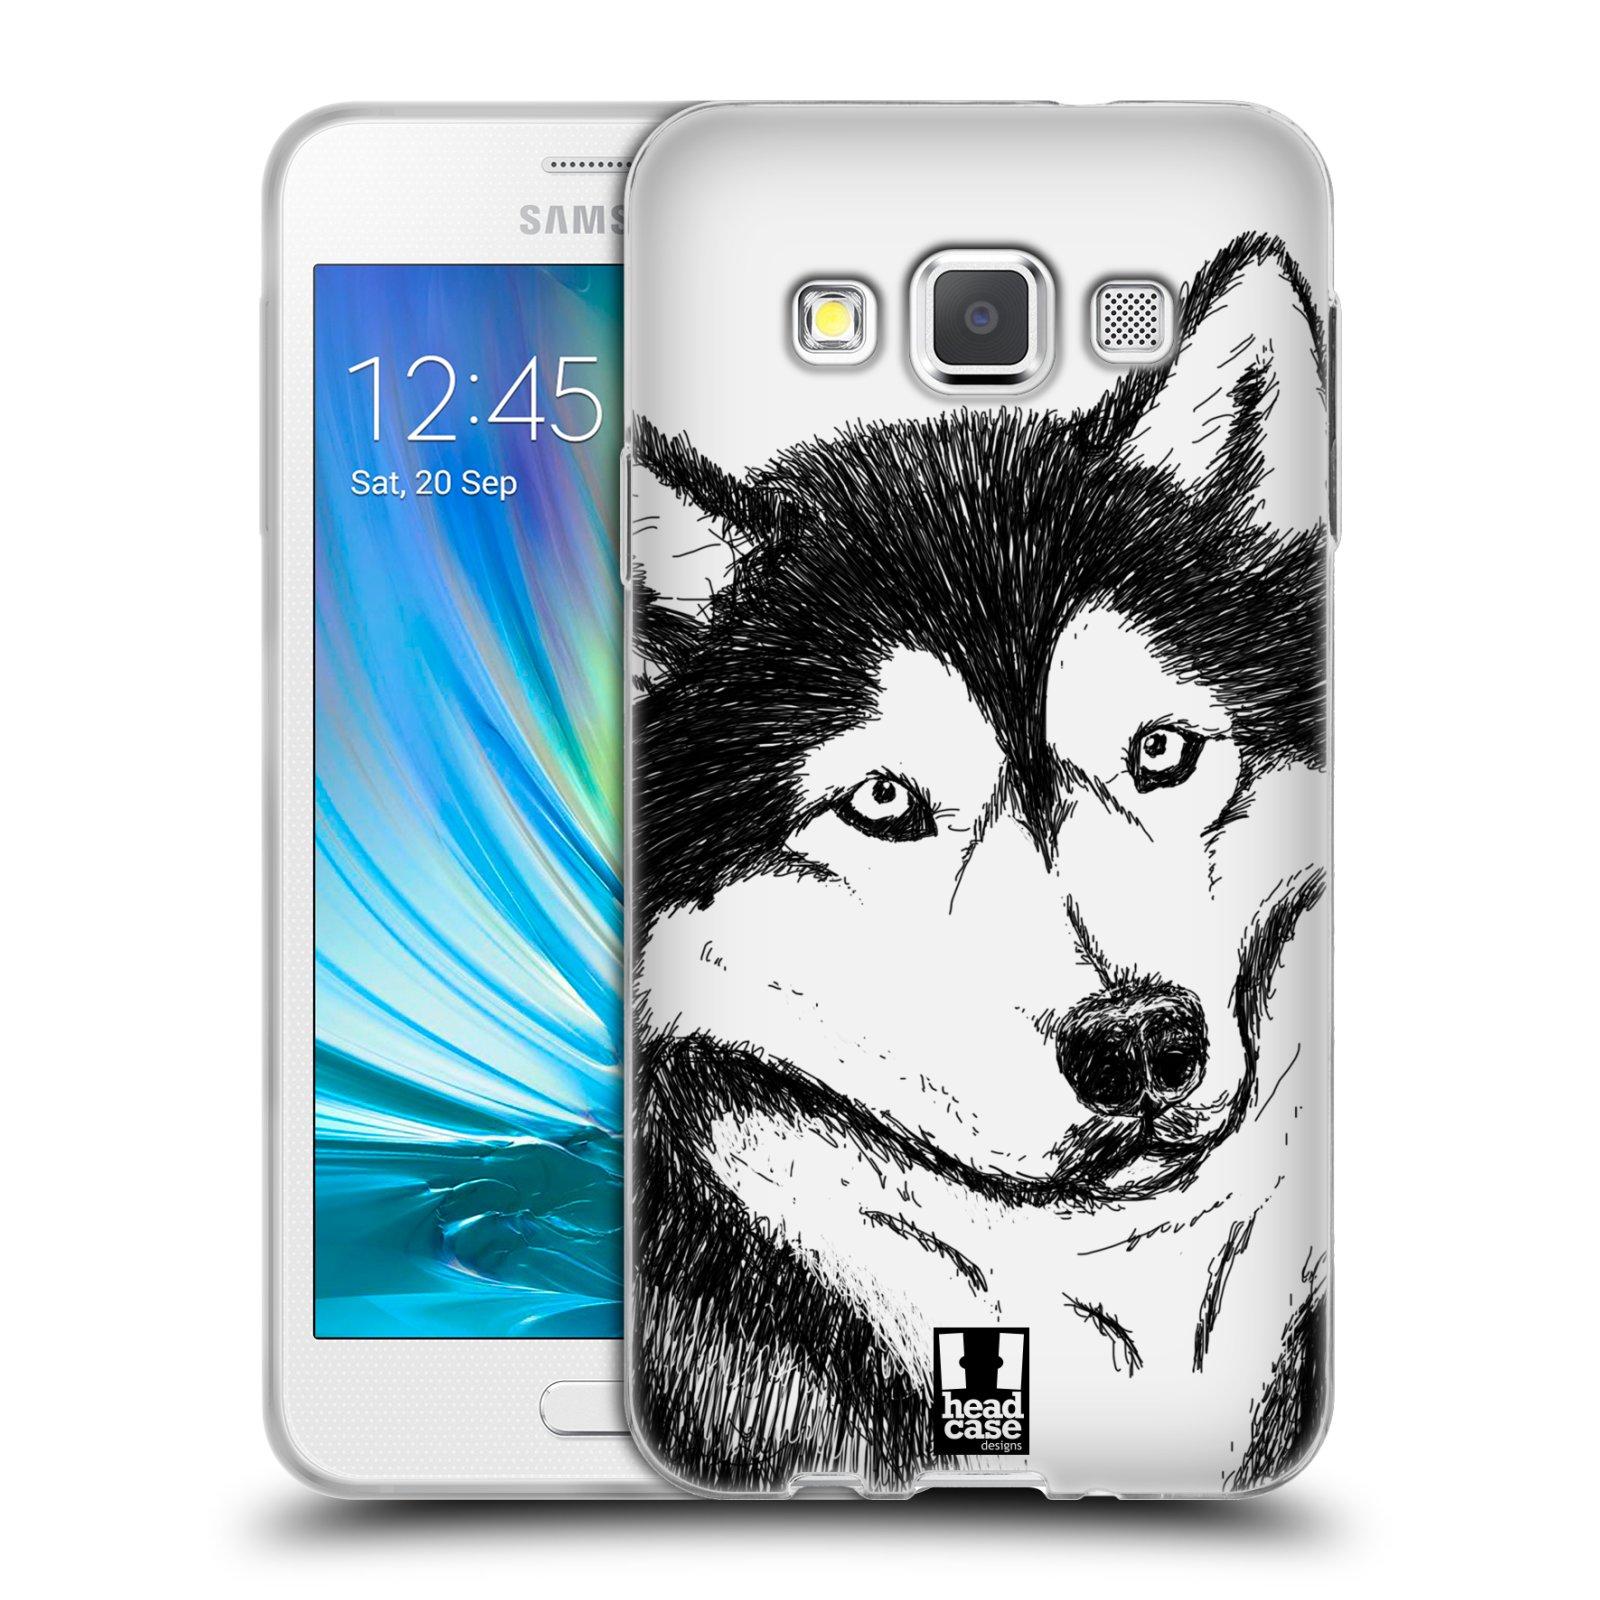 HEAD CASE silikonový obal na mobil Samsung Galaxy A3 vzor Kreslená zvířátka černá a bílá pes husky